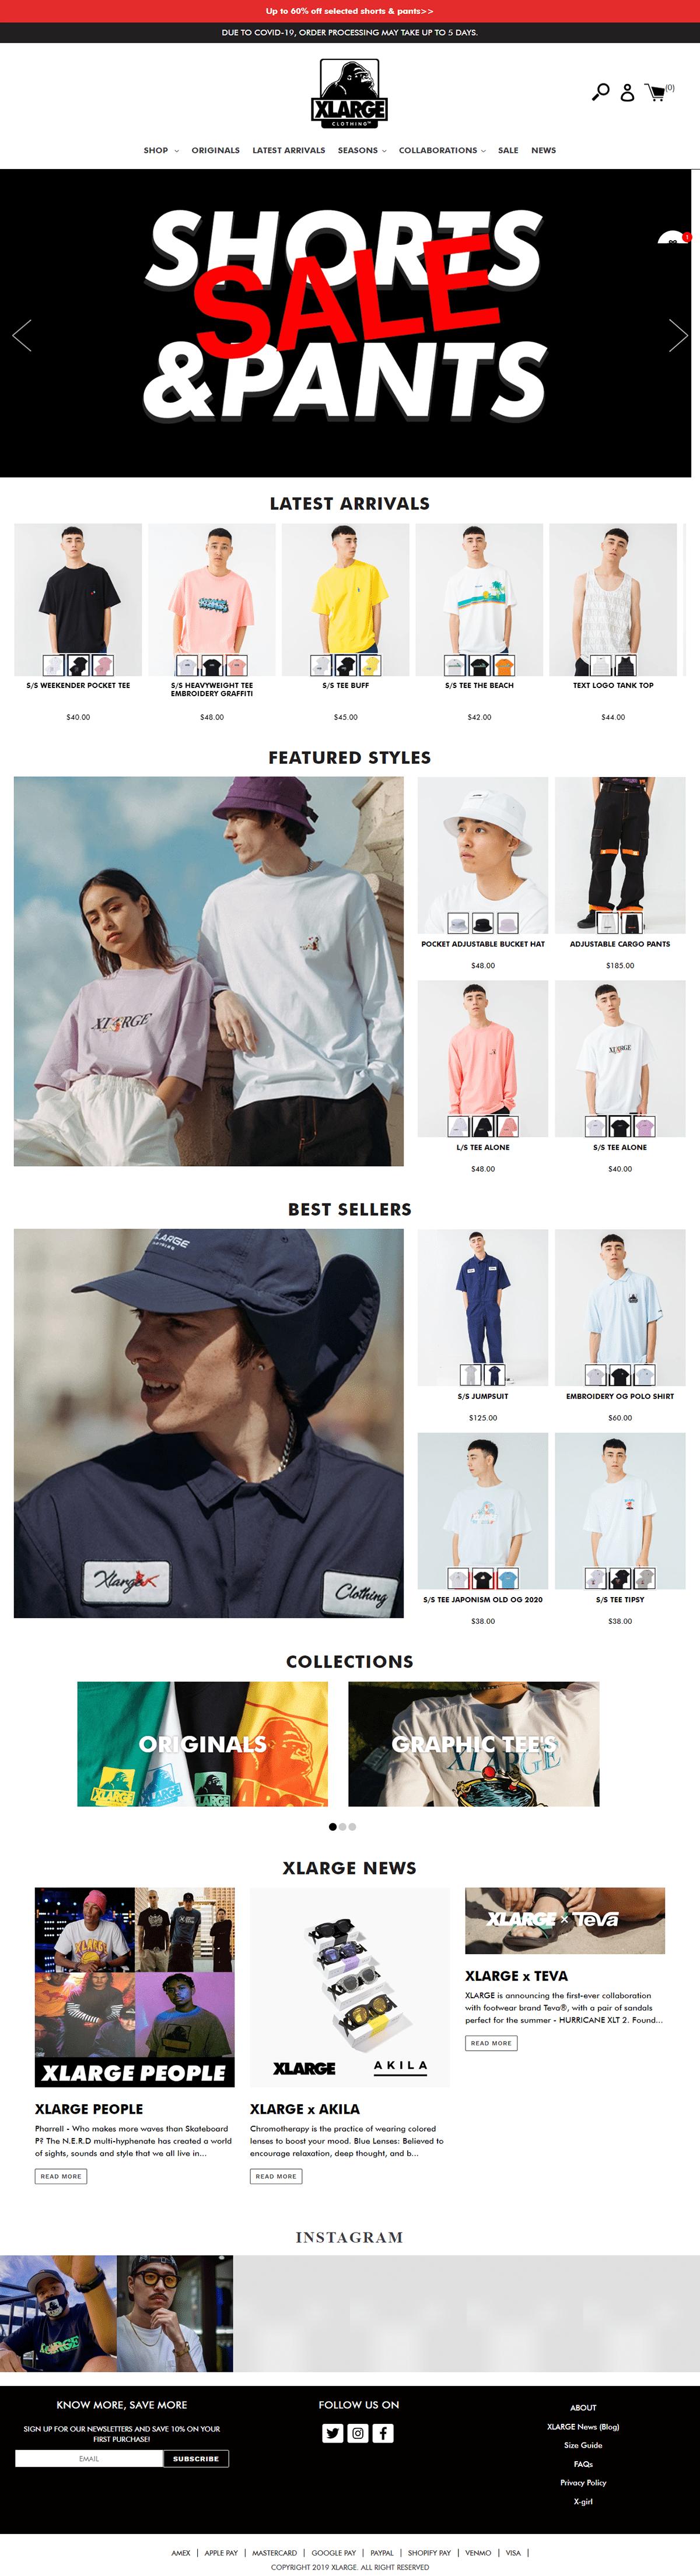 Image may contain: baseball, clothing and man